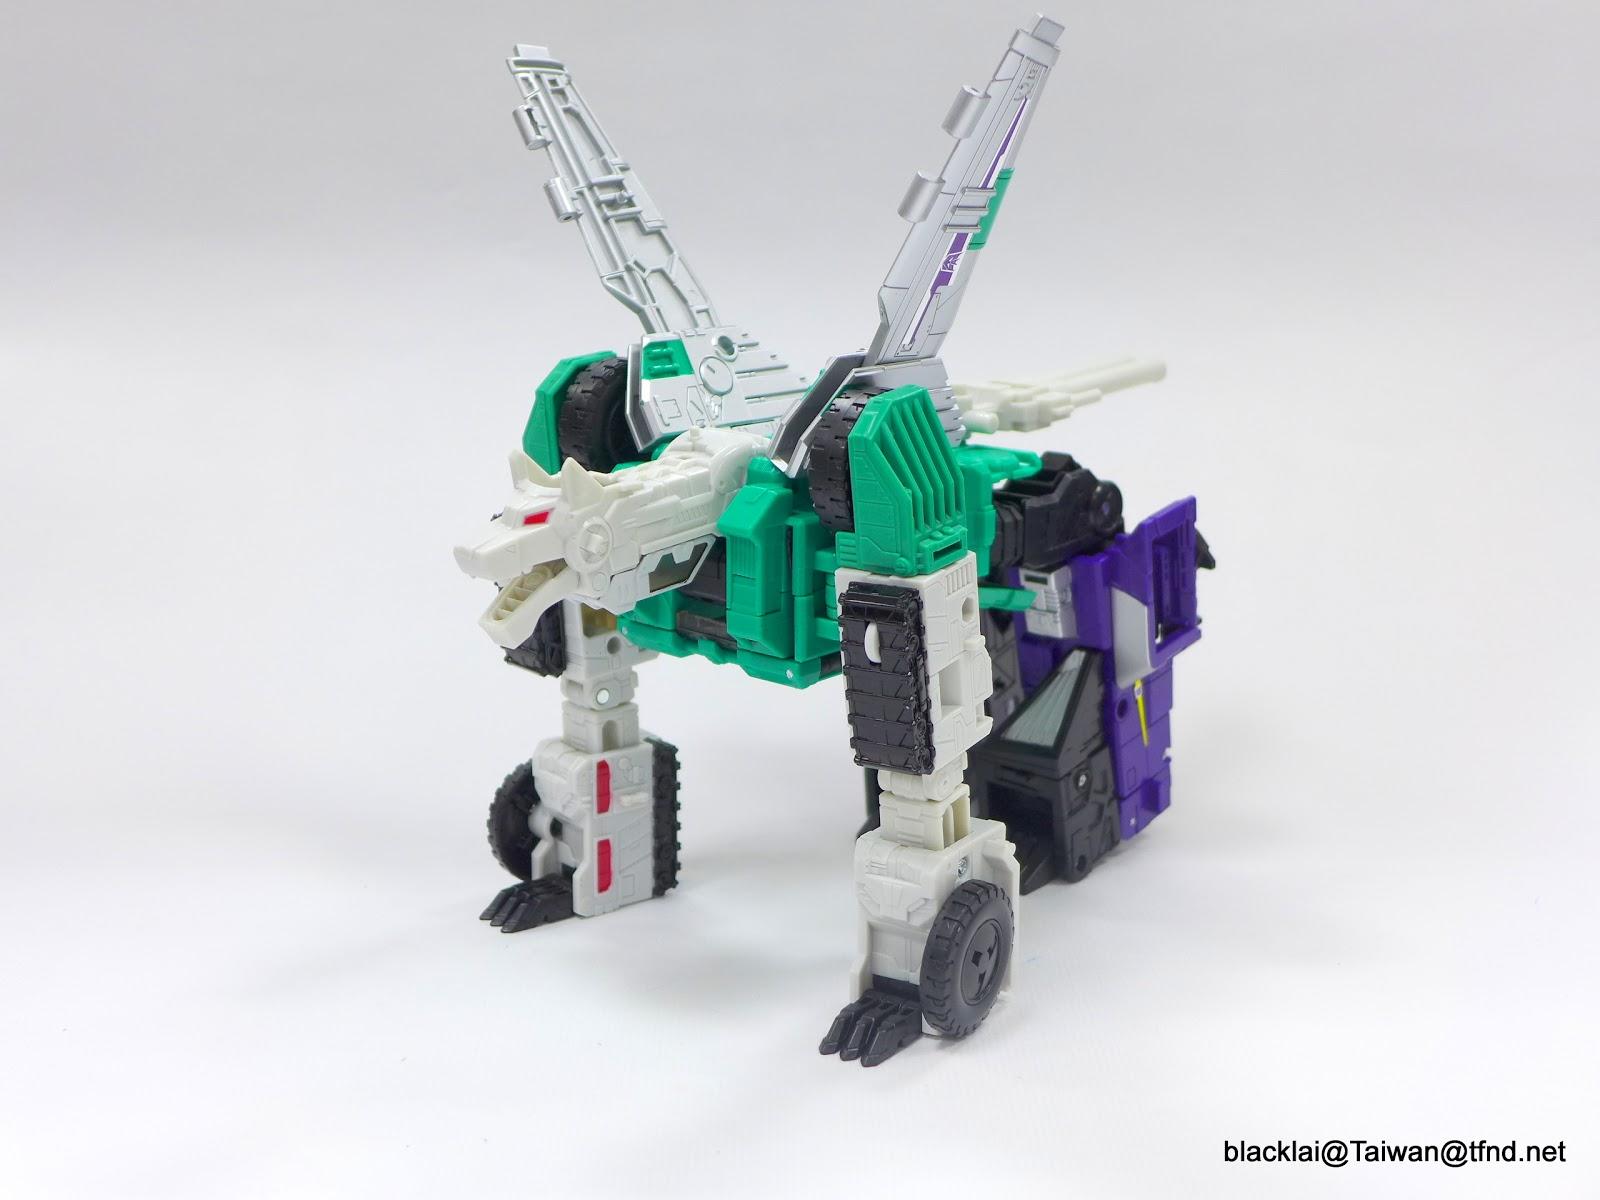 Jouets Transformers Generations: Nouveautés Hasbro - partie 2 - Page 40 P1510009